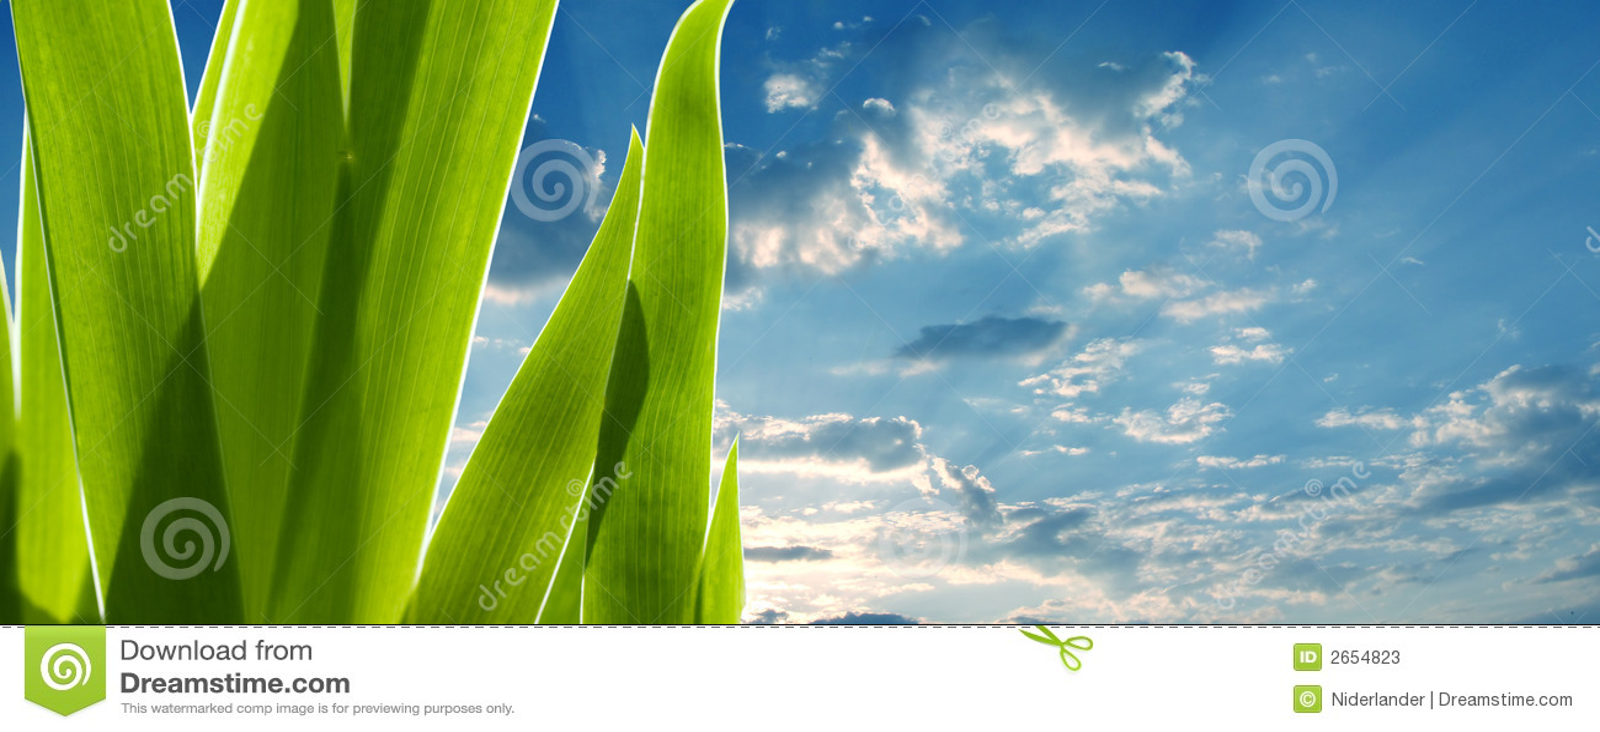 Zostaw zielone niebo